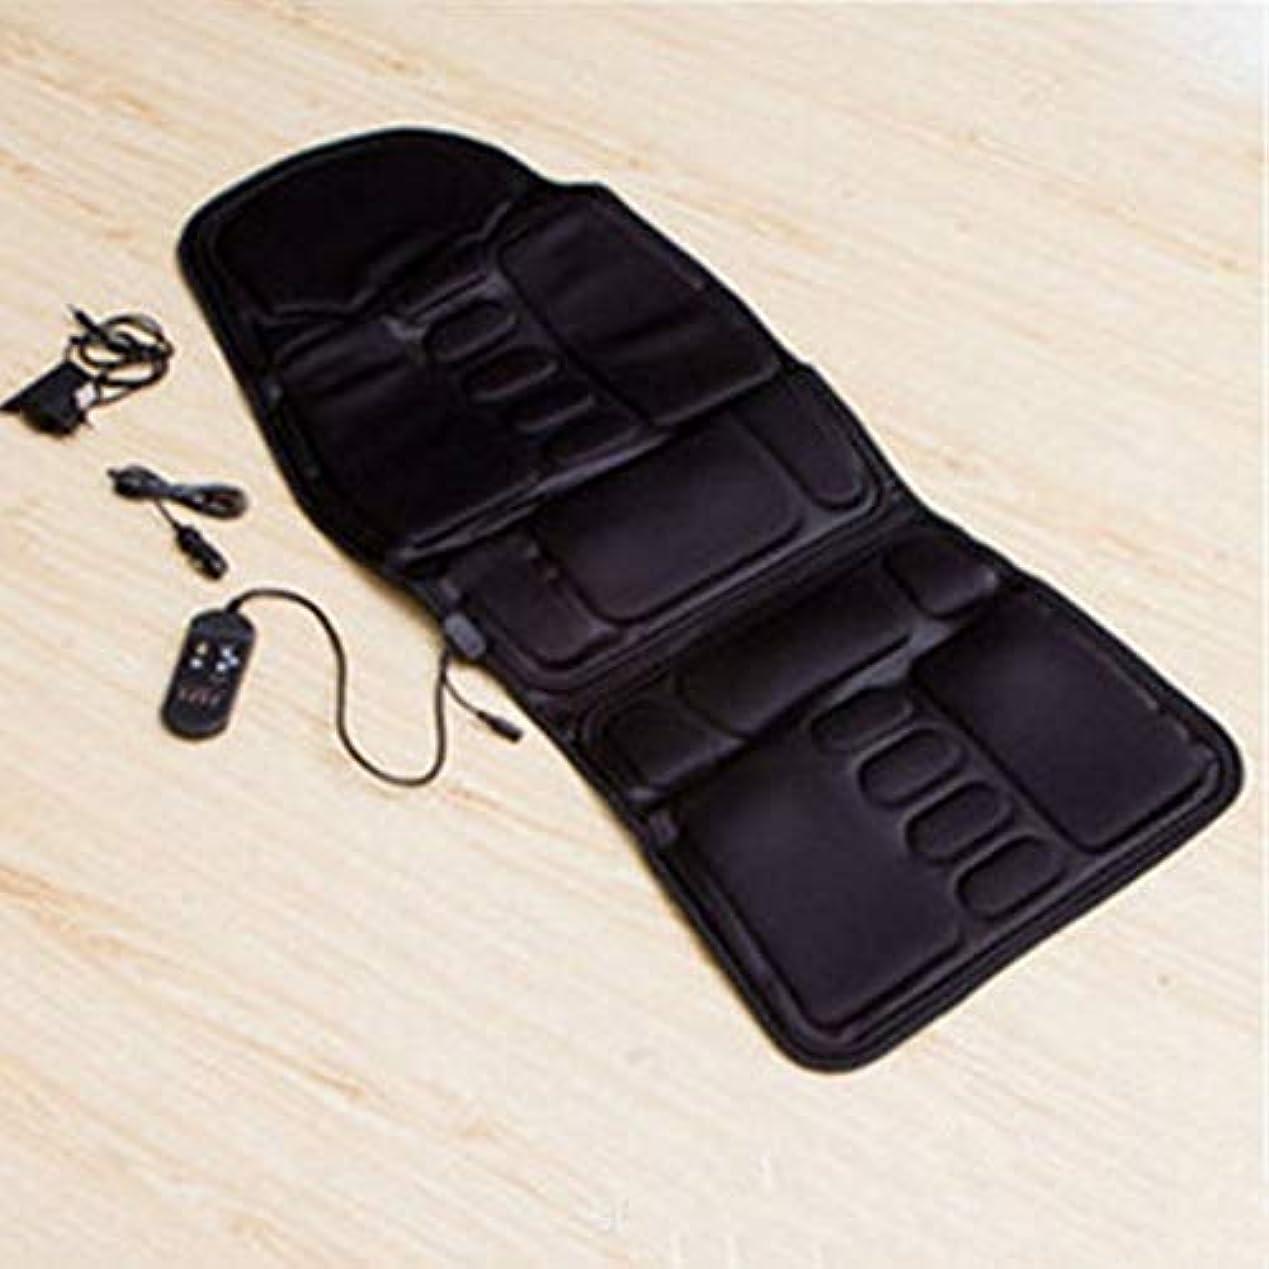 スライム争う立場Car Chair Home Seat Heat Cushion Back Neck Waist Body Electric Multifunctional Chair Massage Pad Back Massager